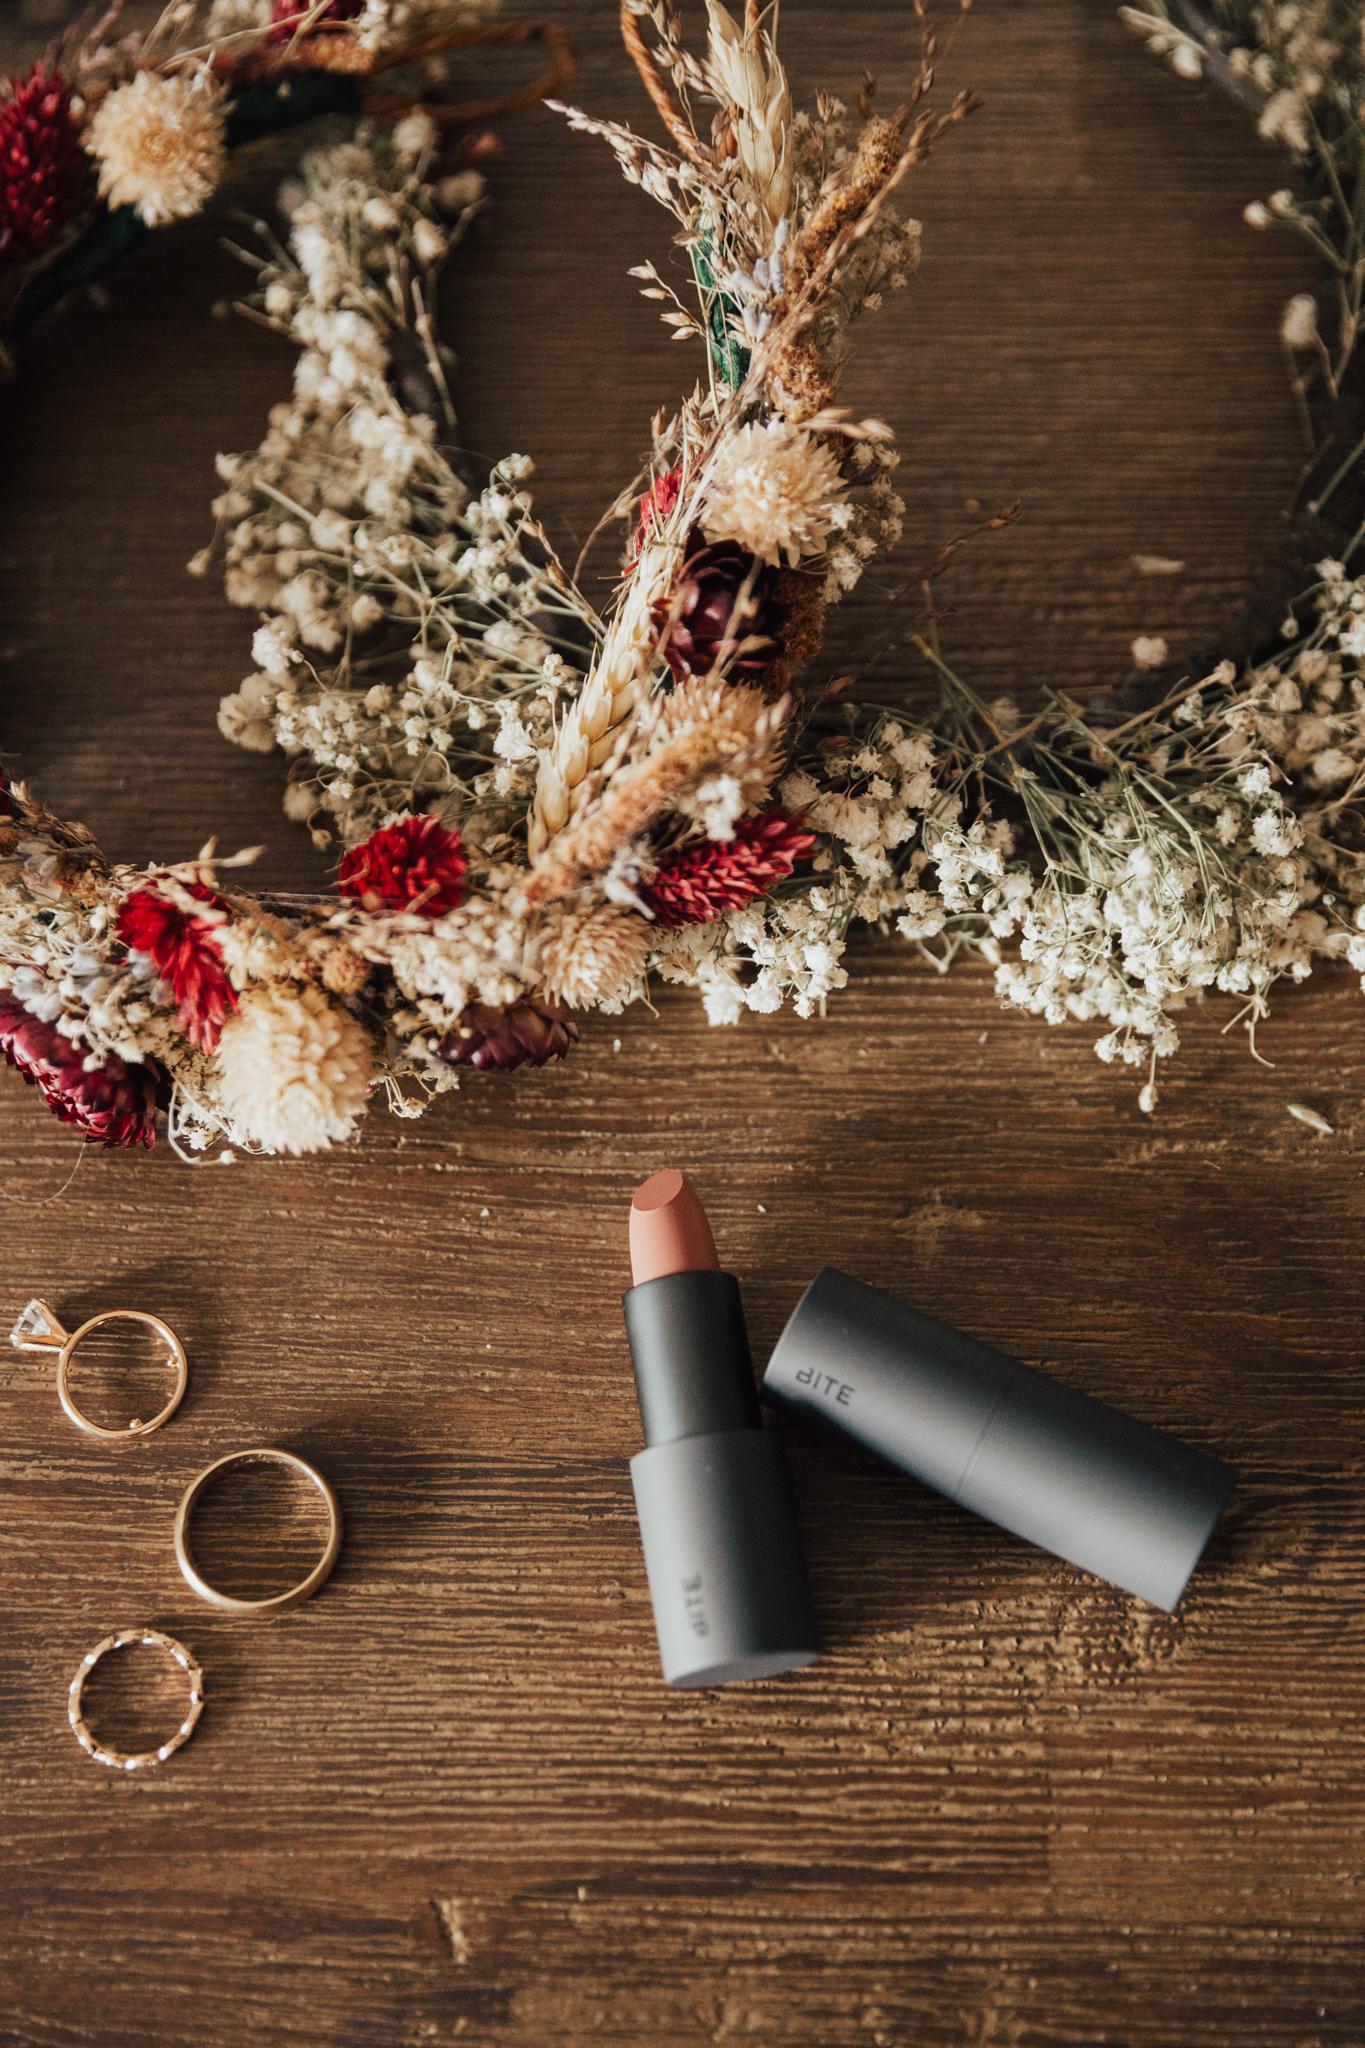 autumn wedding details